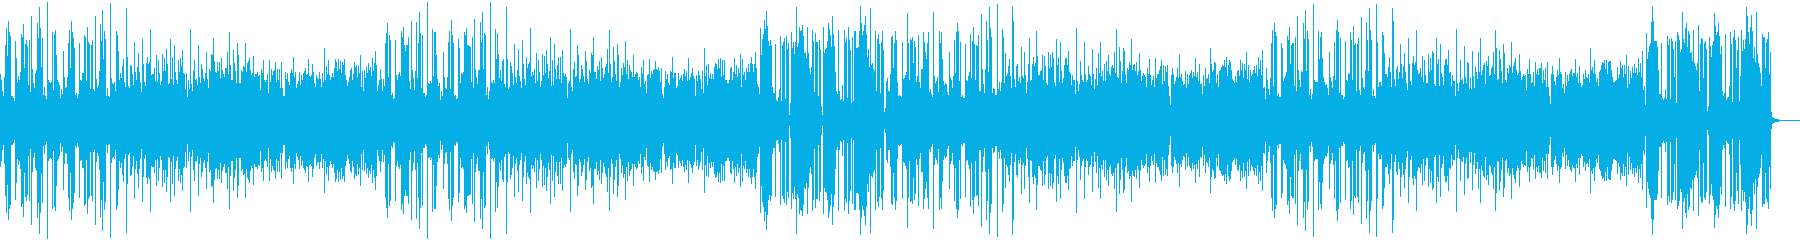 幻想的ミステリアスダンジョン迷宮古代太古の再生済みの波形